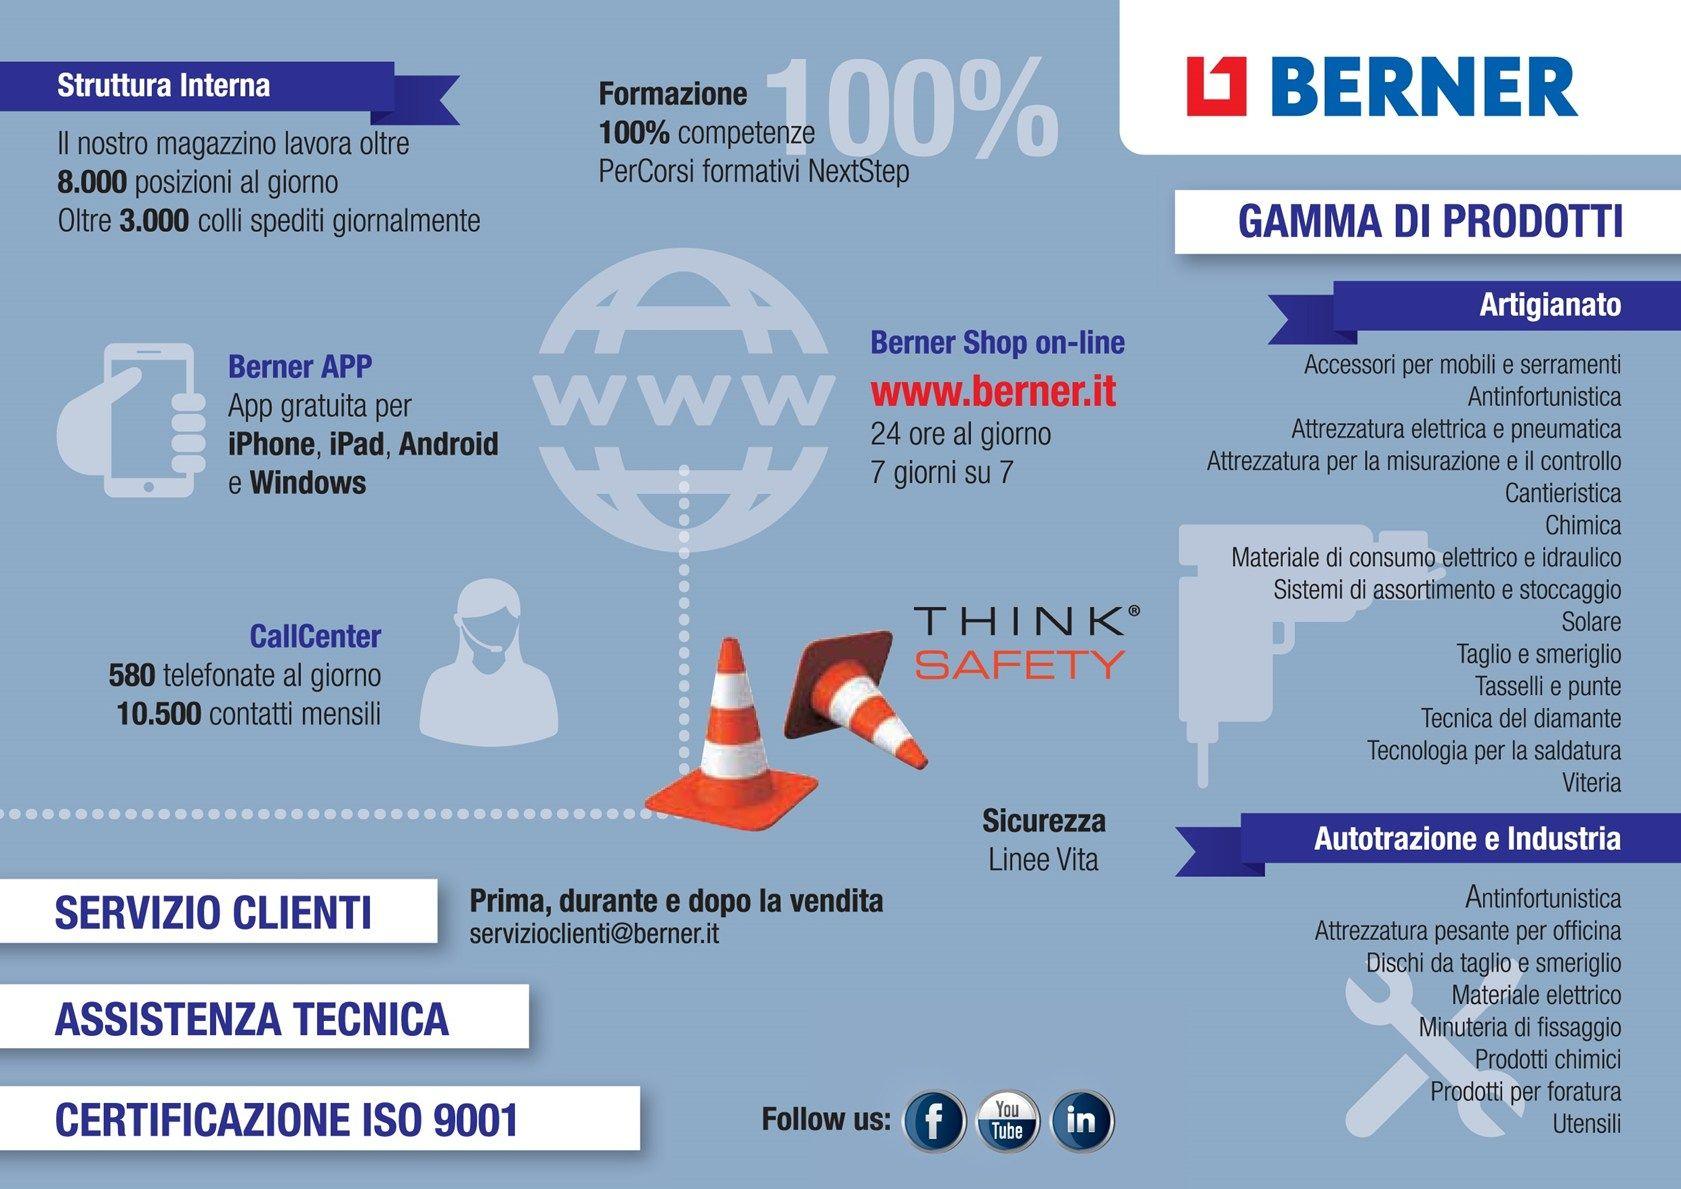 Think Safety: Berner amplia la gamma di prodotti e servizi specifica per la sicurezza e i sistemi anticaduta